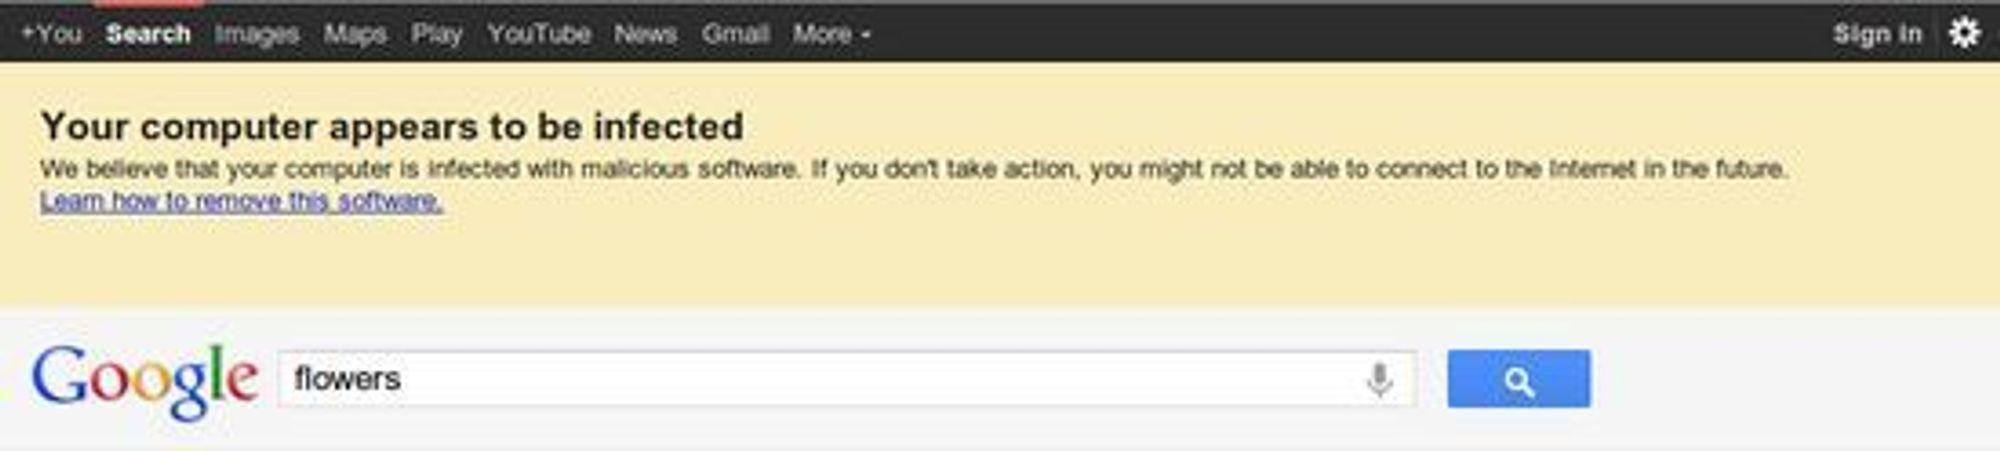 Dukker denne advarselen opp når du søker på Google, bør du i alle fall skanne datamaskinen med et antivirusprogram.